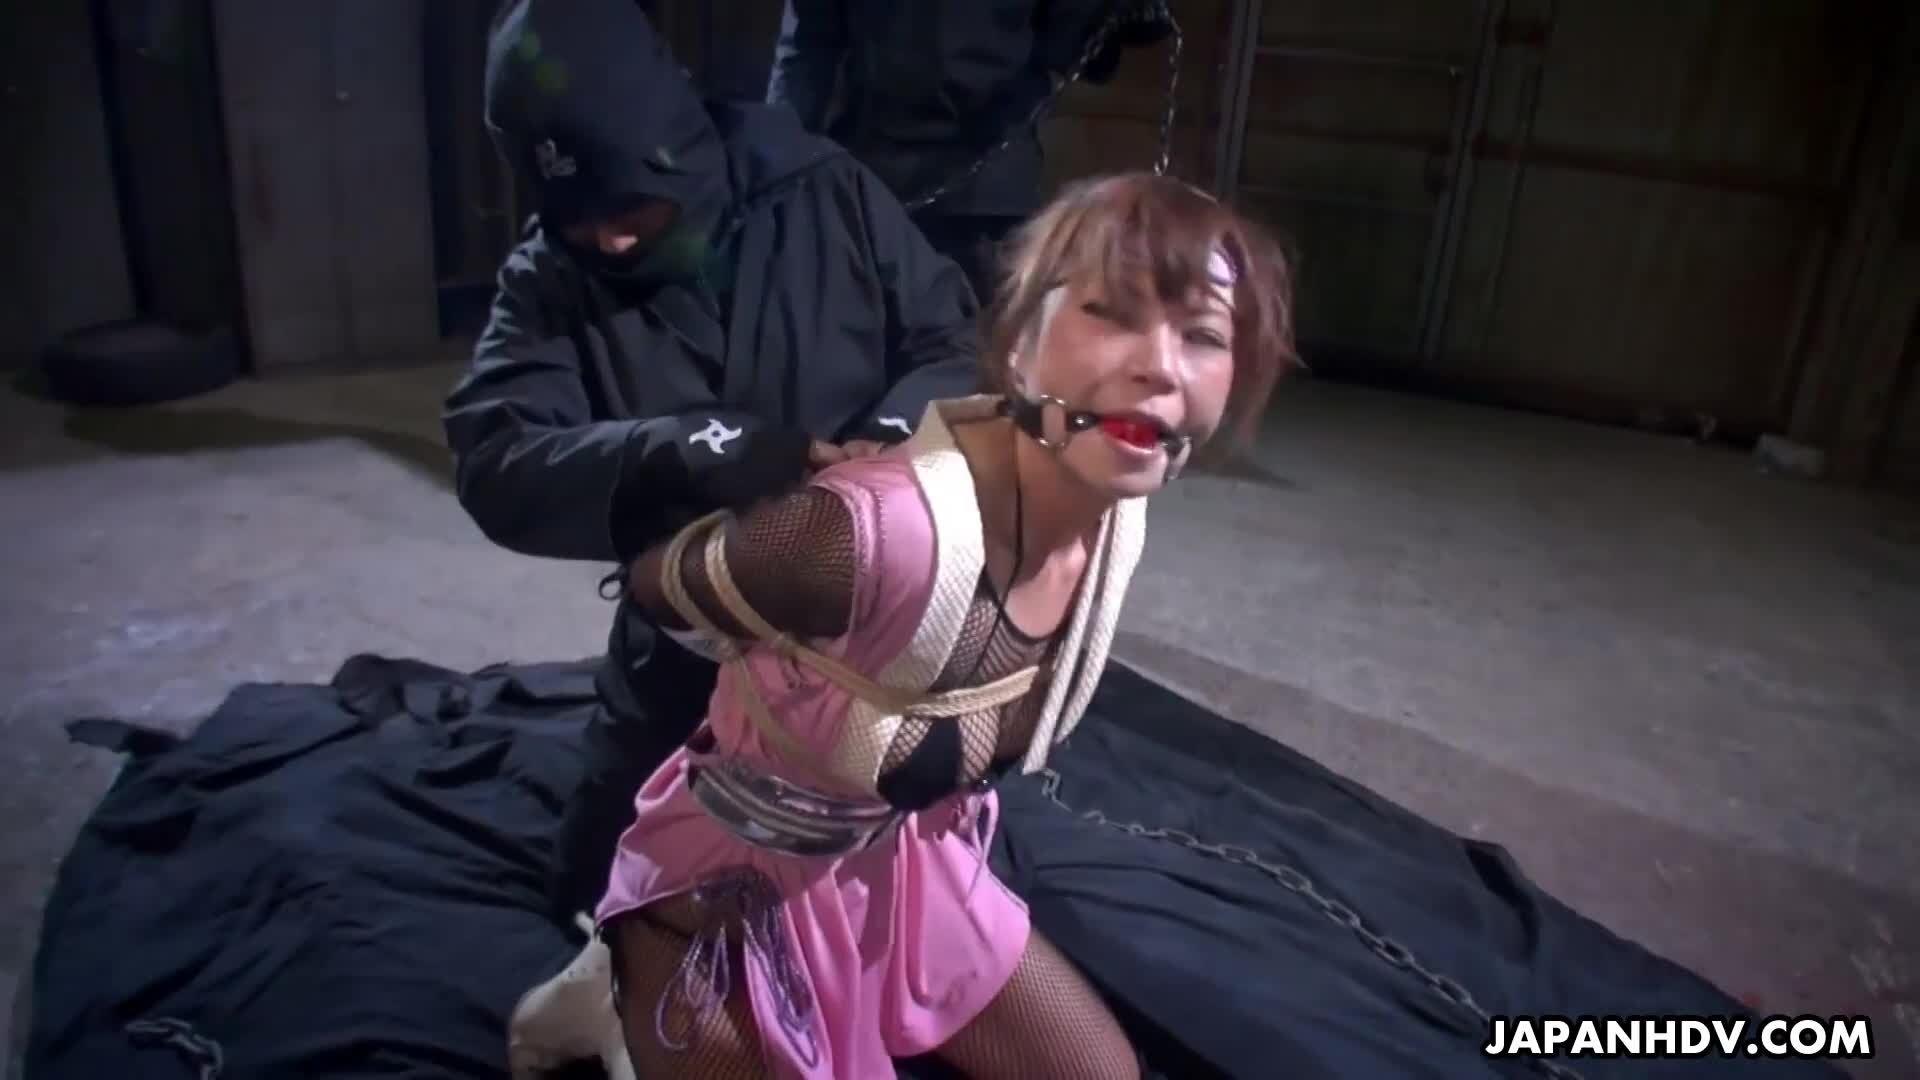 JAP Ninja Babe Sumire Matsu wird auf BDSM-Art bestraft